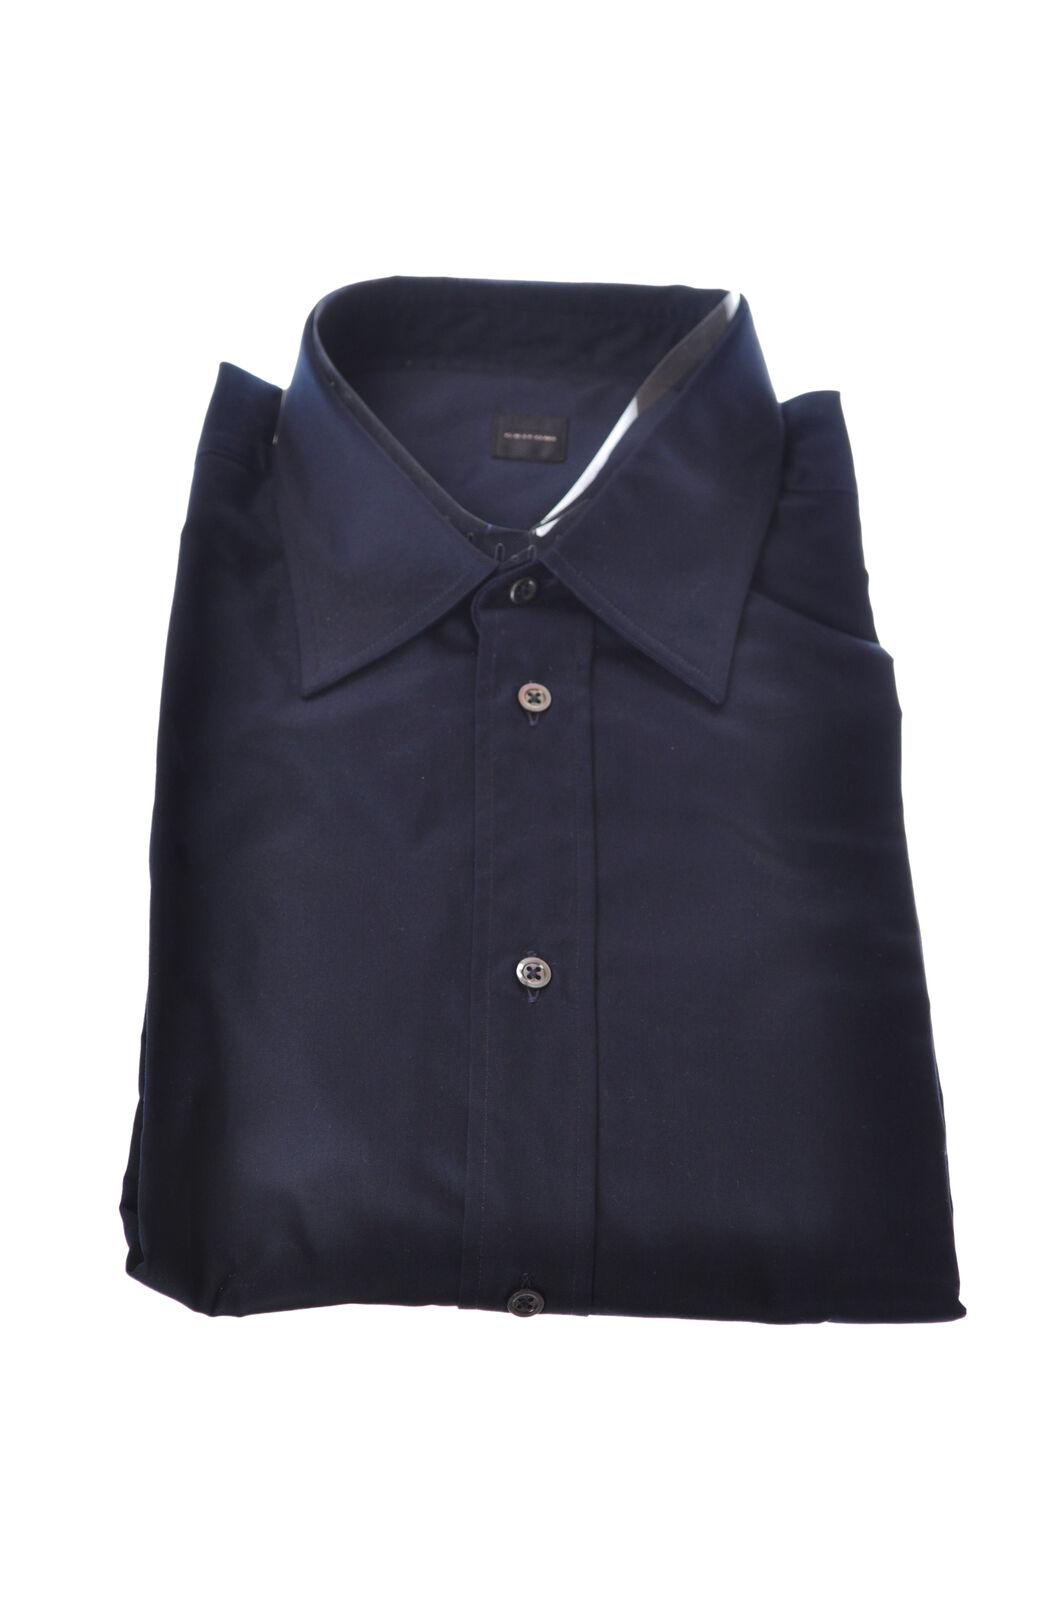 Mauro grifoni  -  Shirt - Male - Blau - 3002205A183730